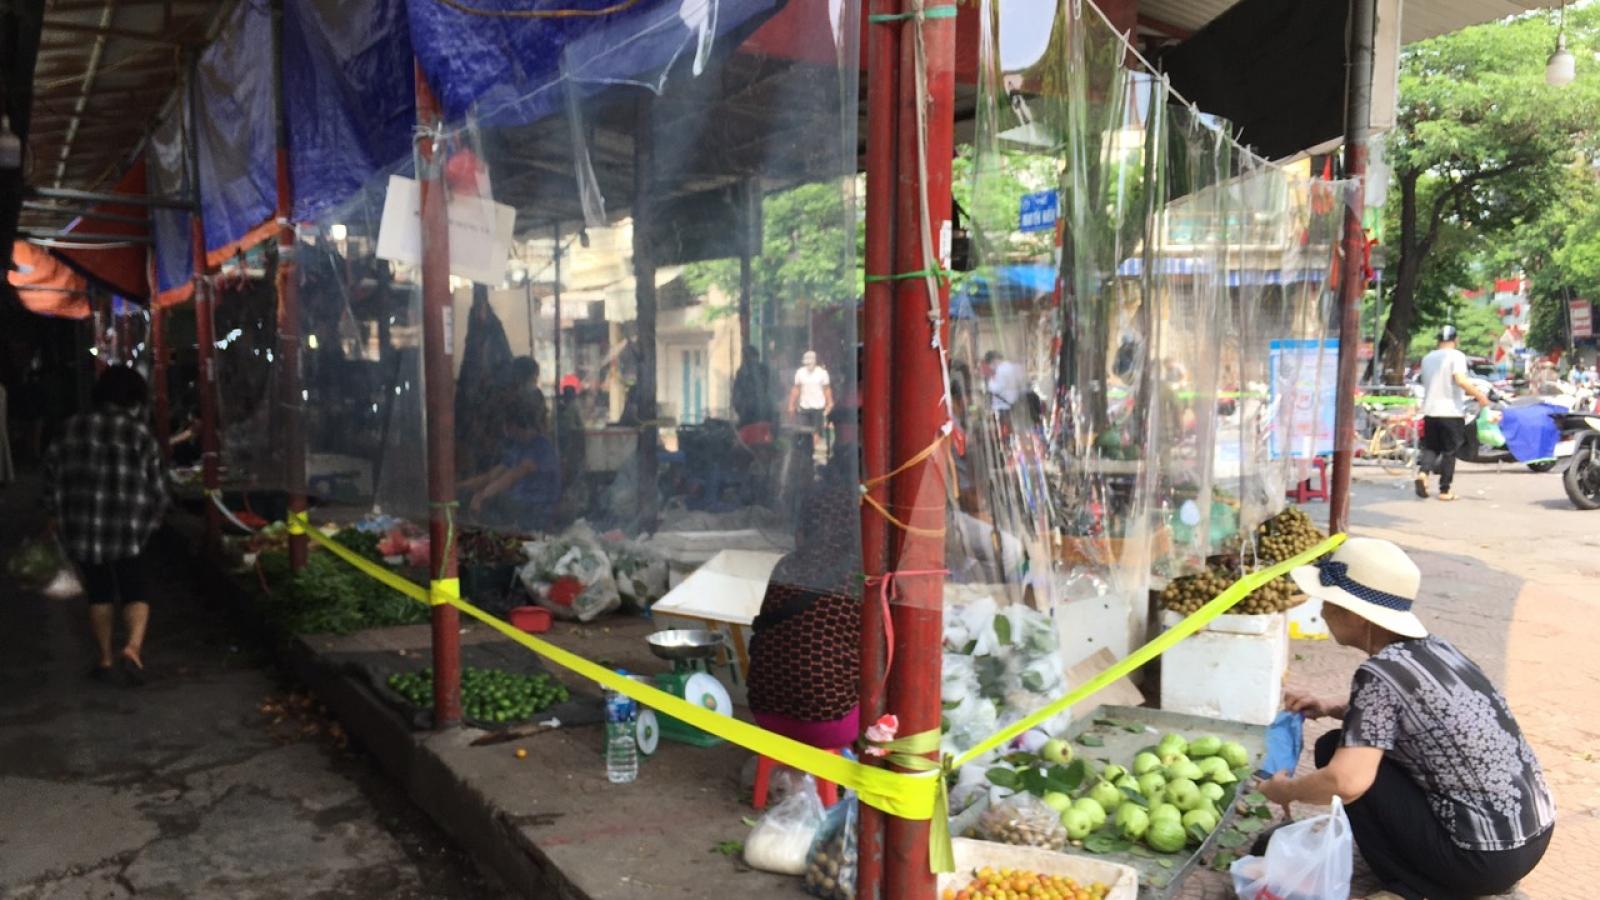 Tiểu thương chợ Bách Khoa góp tiền mua tấm nilon giãn cách phòng dịch